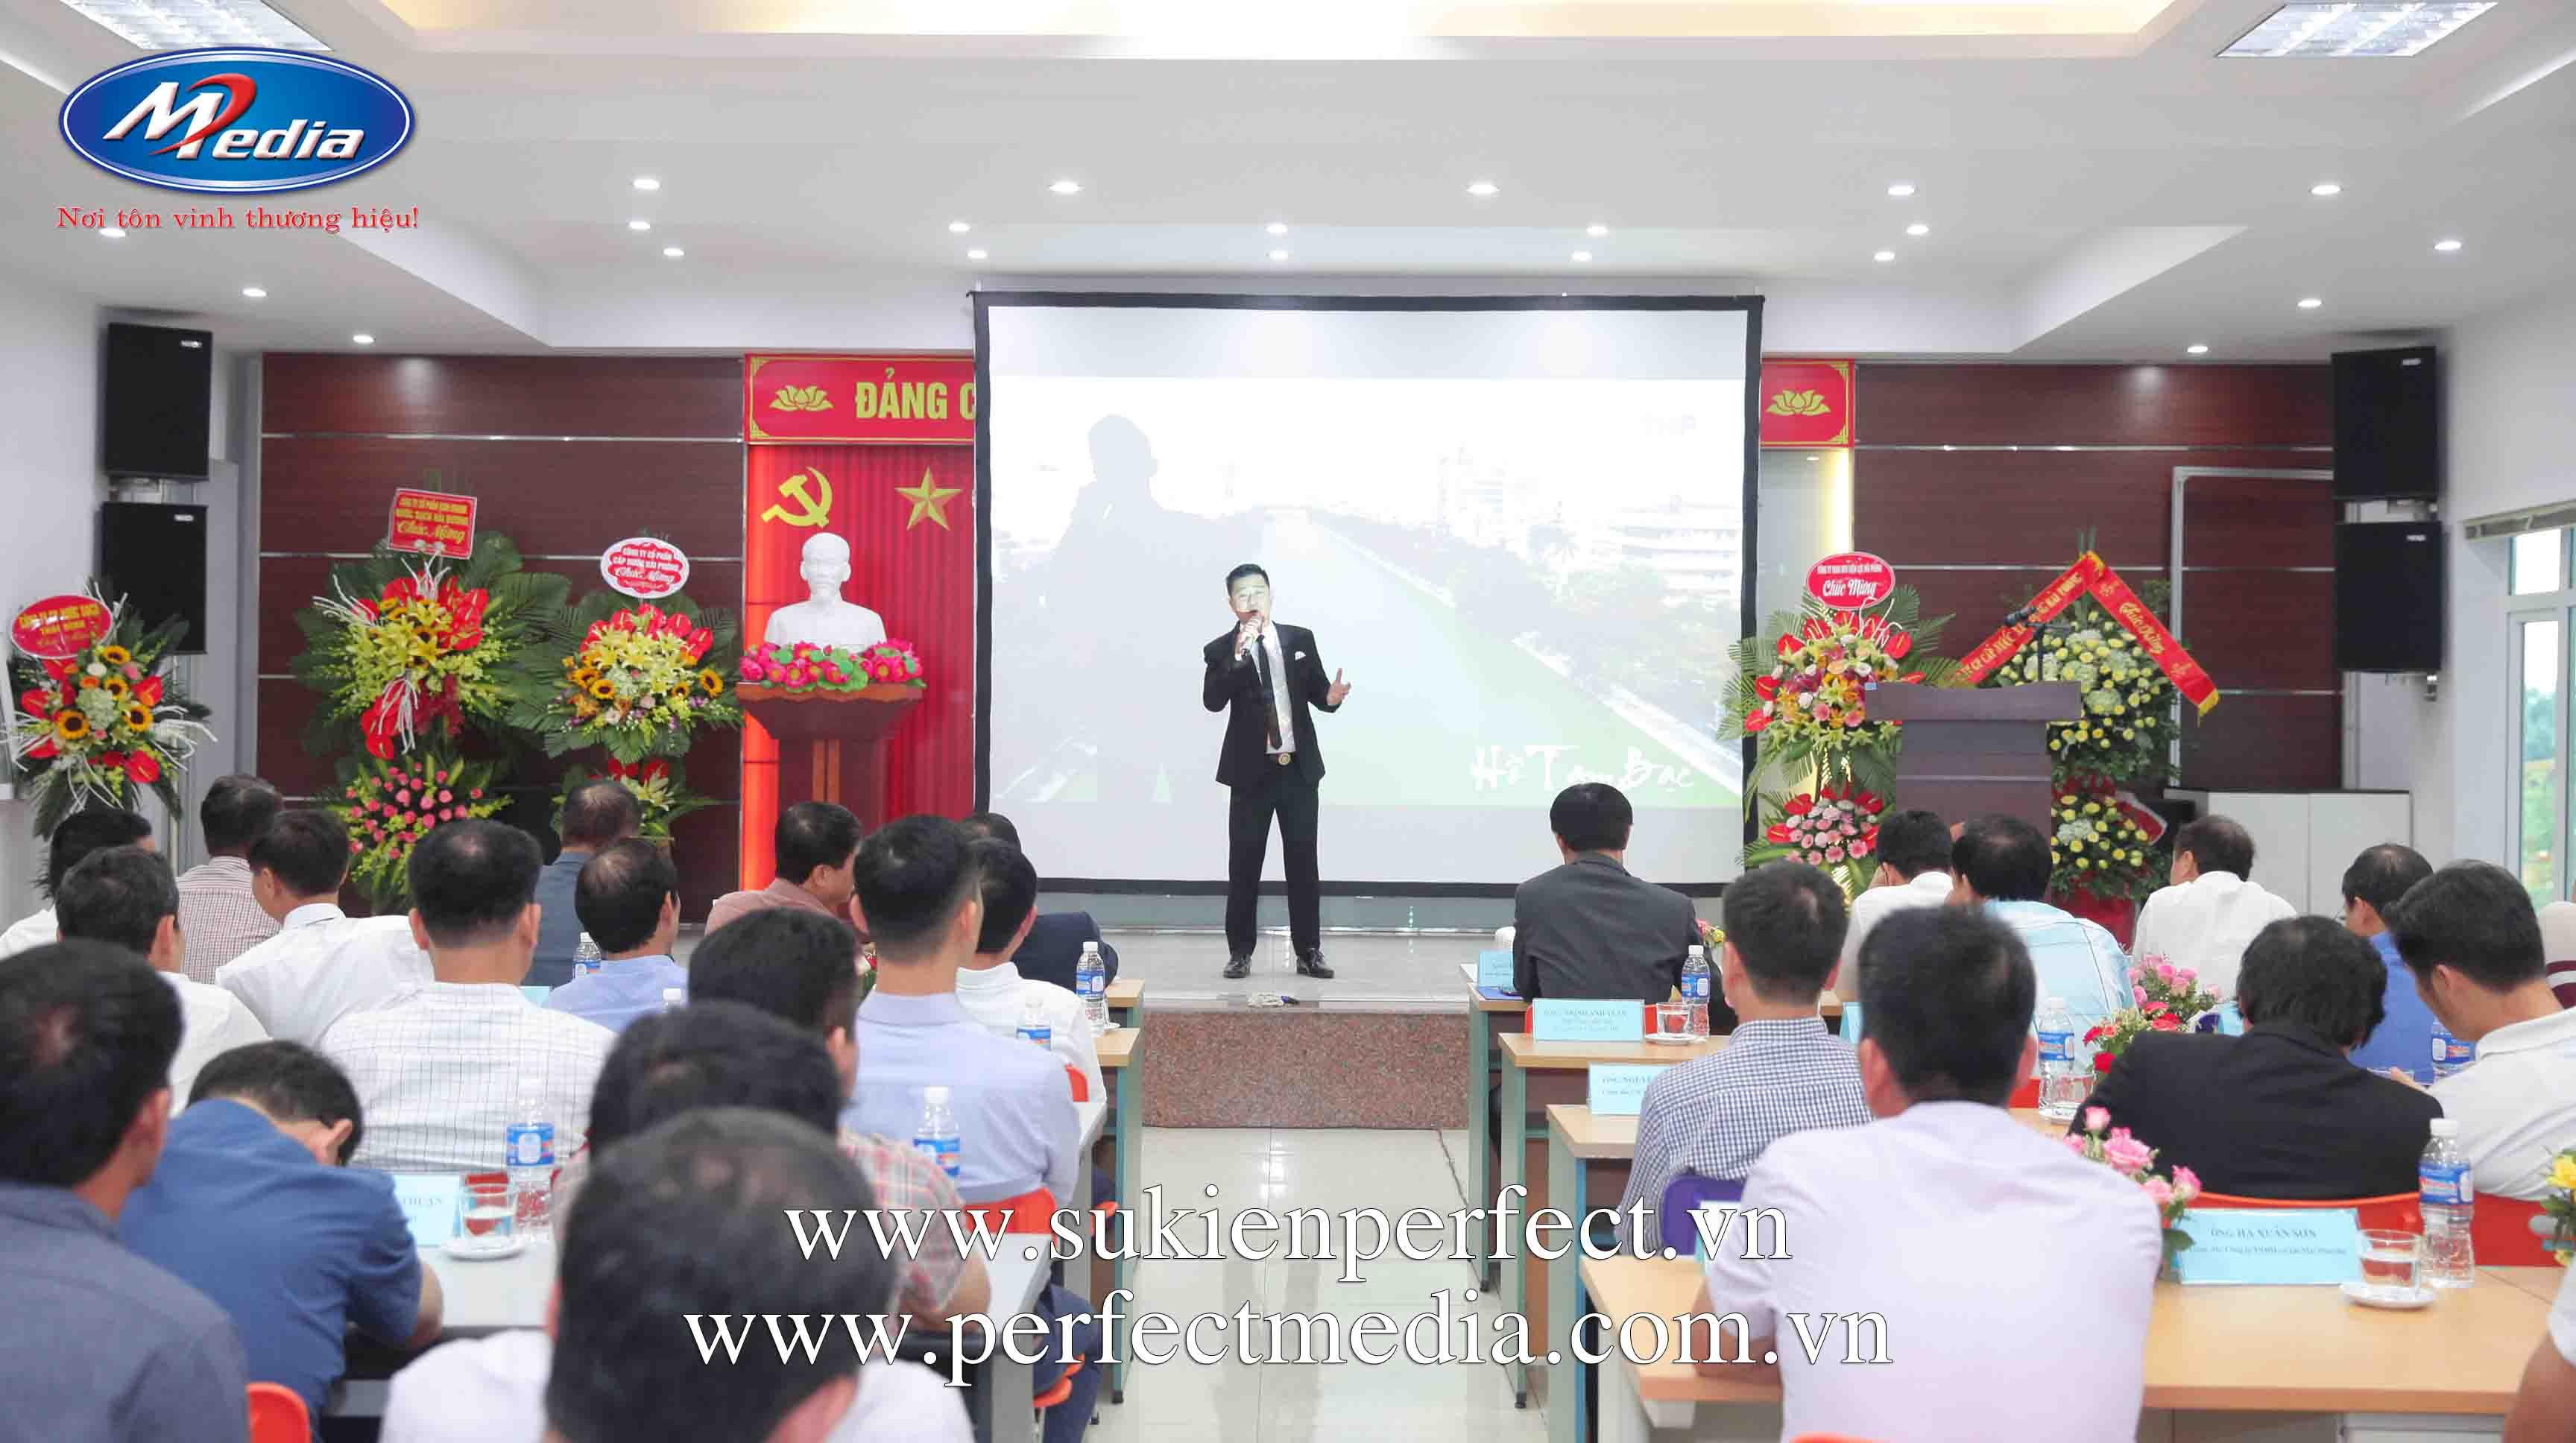 Lễ kỷ niệm 10 năm thành lập công ty Nước sạch số 2 Hải Phòng8